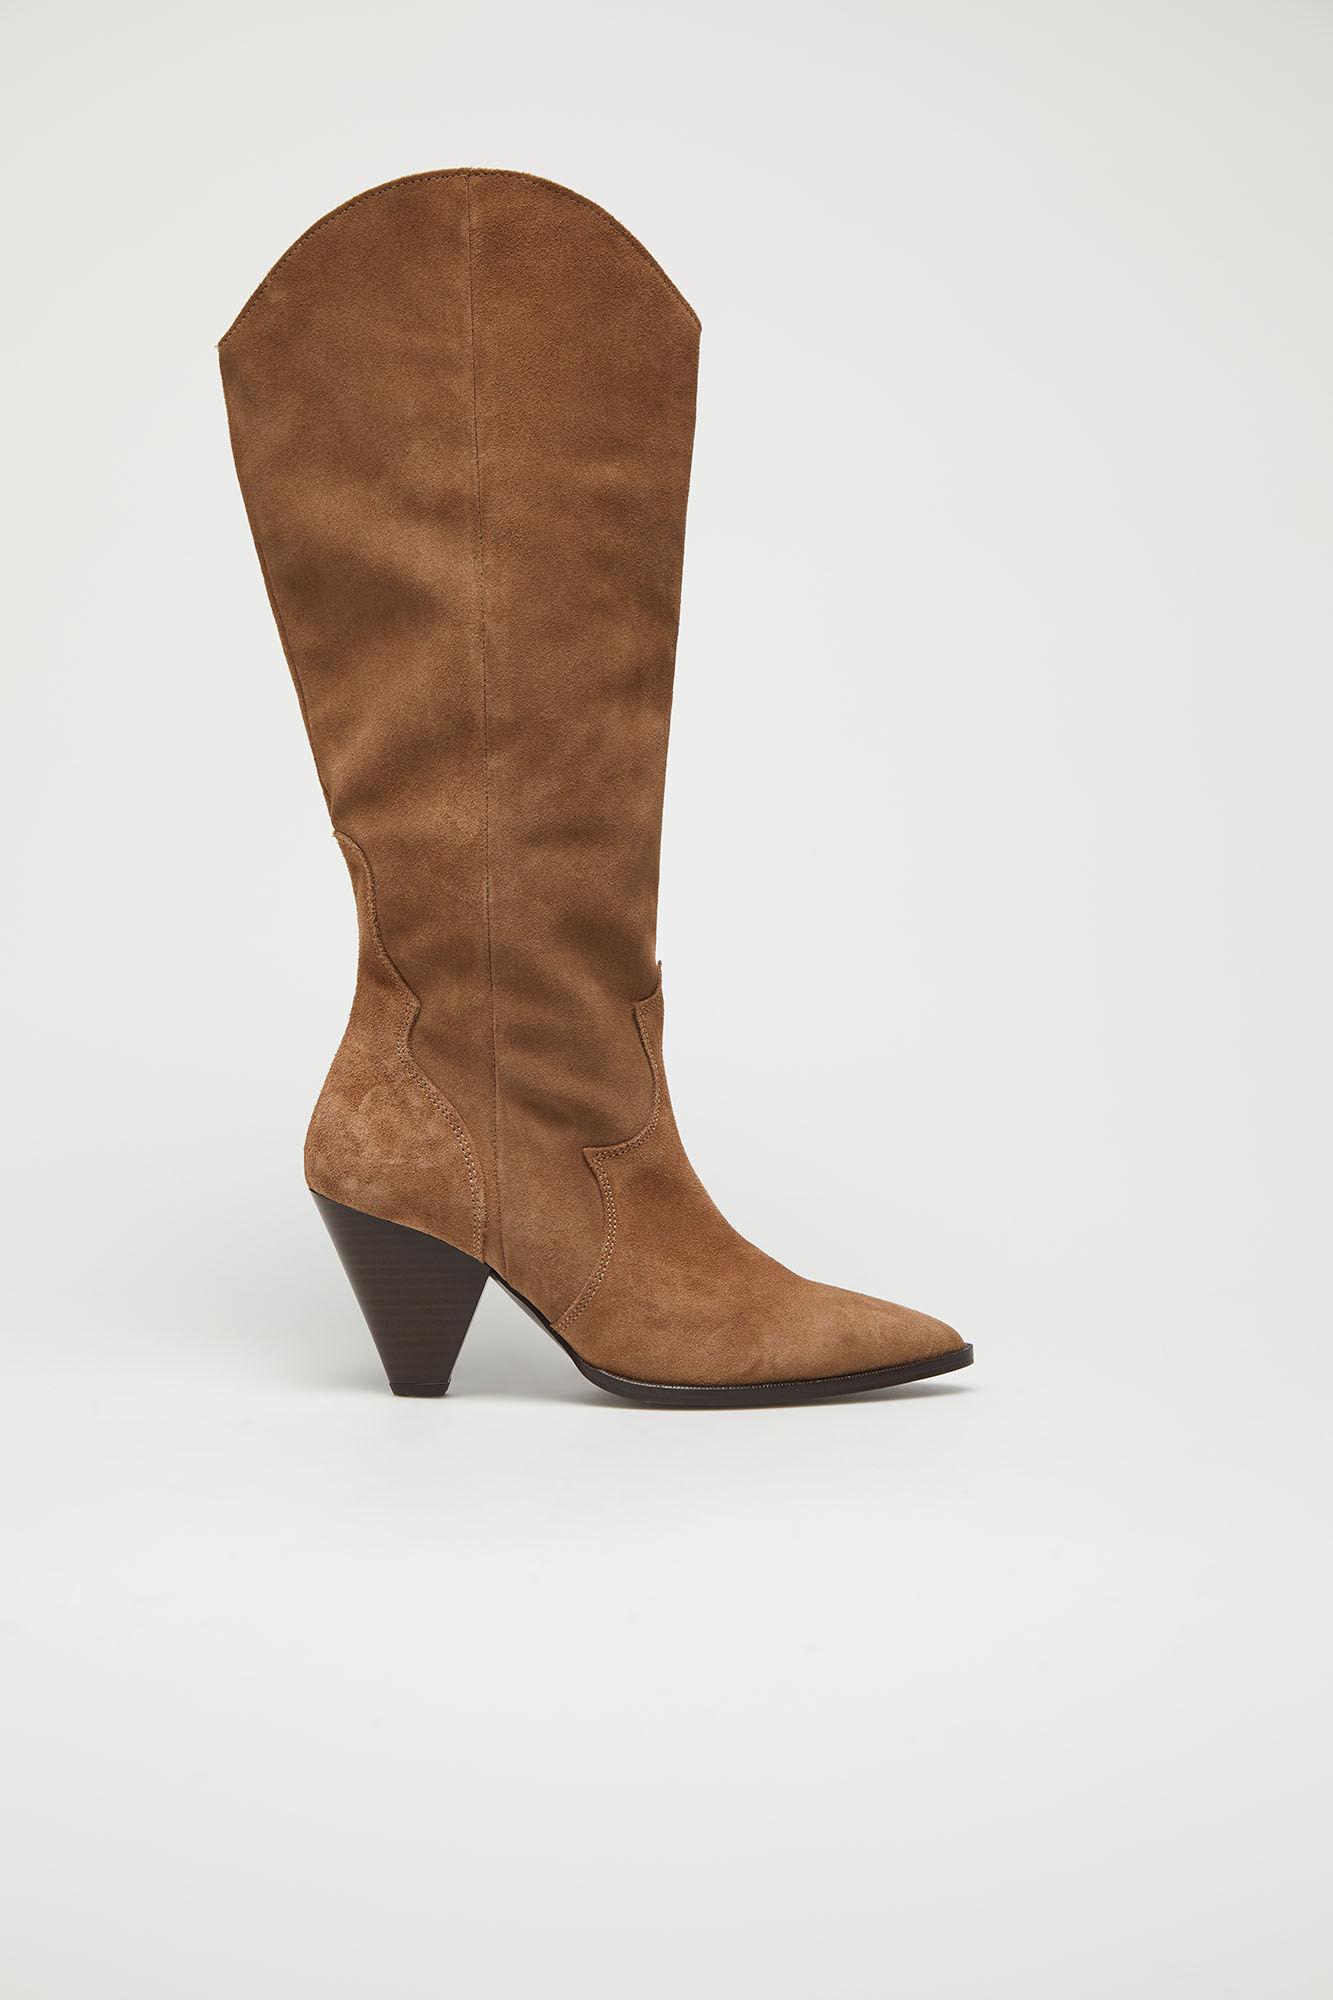 Botas altas de estilo cowboy de Slowlove